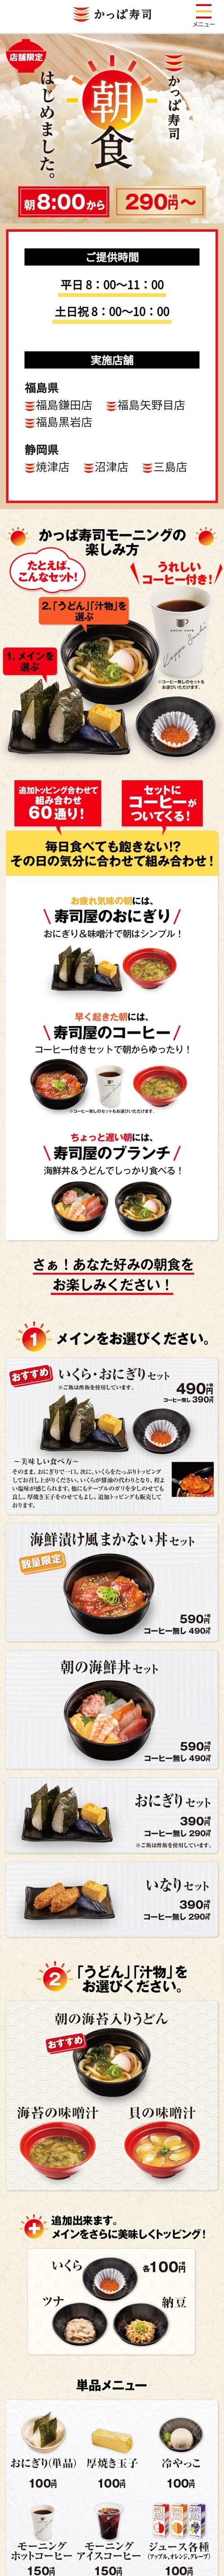 かっぱ寿司がモーニングを始める おにぎりとうどんで290円から